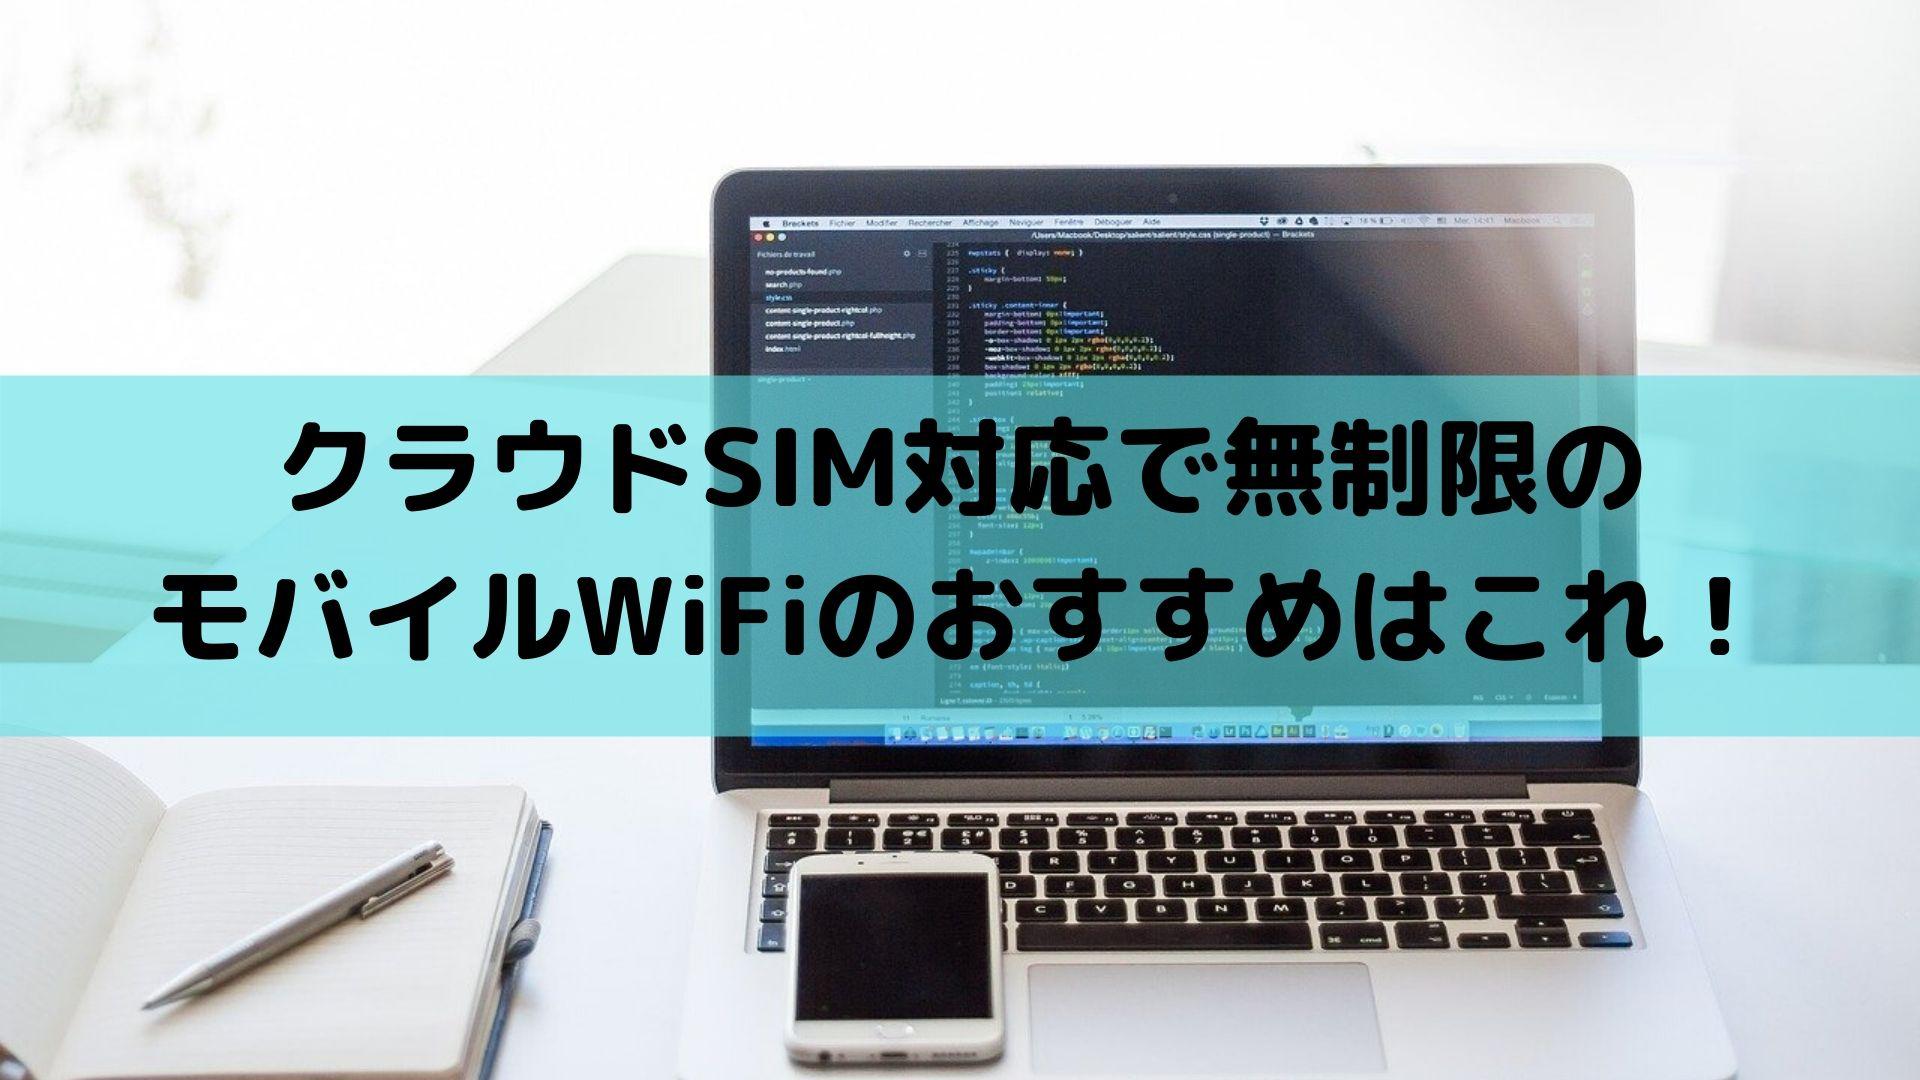 クラウドSIM対応で無制限のモバイルWiFiのおすすめはこれ!